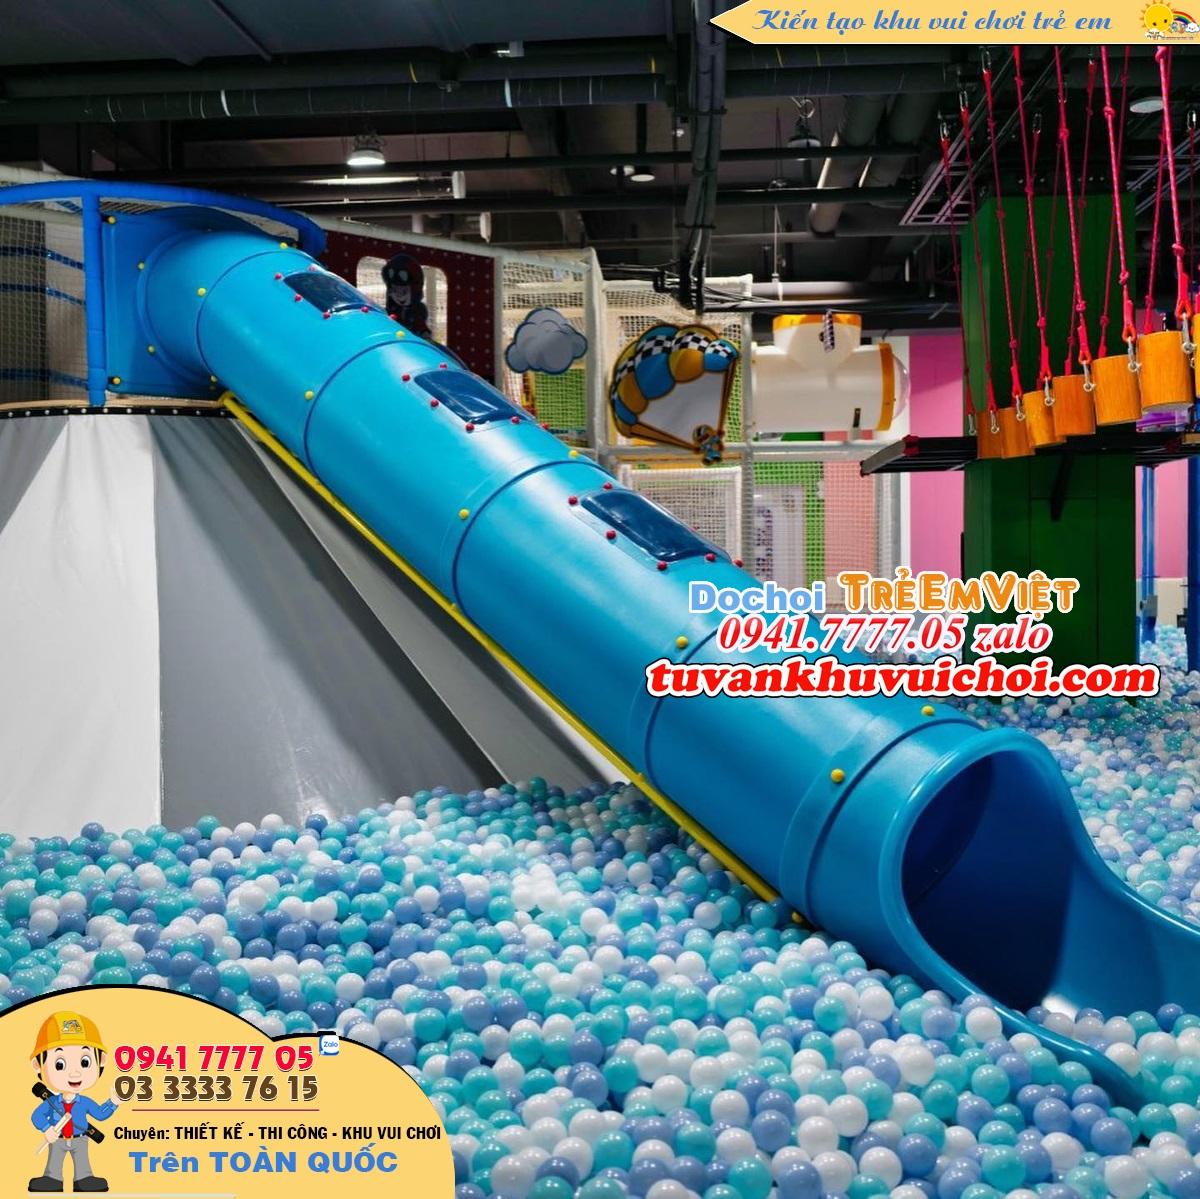 Đồ chơi trẻ em trong khu vui chơi, ống trượt núi lửa dài 5.5m